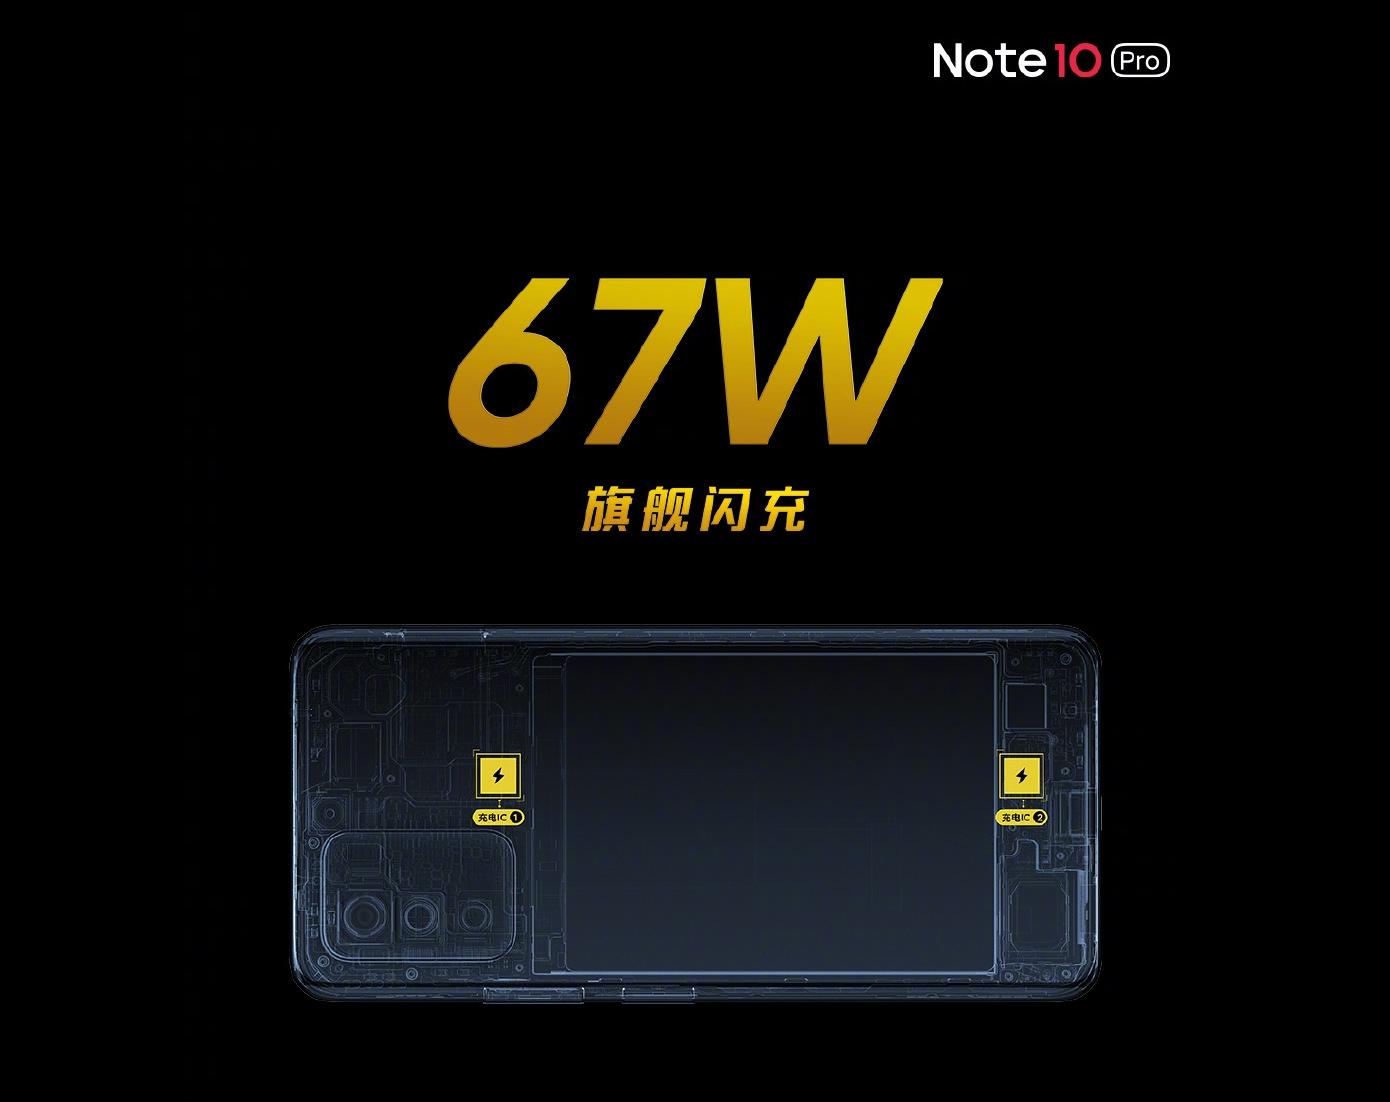 Xiaomi Predstavlyaet Novye Produkty Redmi Vklyuchaya Sovershenno Drugoj Redmi Note 10 Pro 6